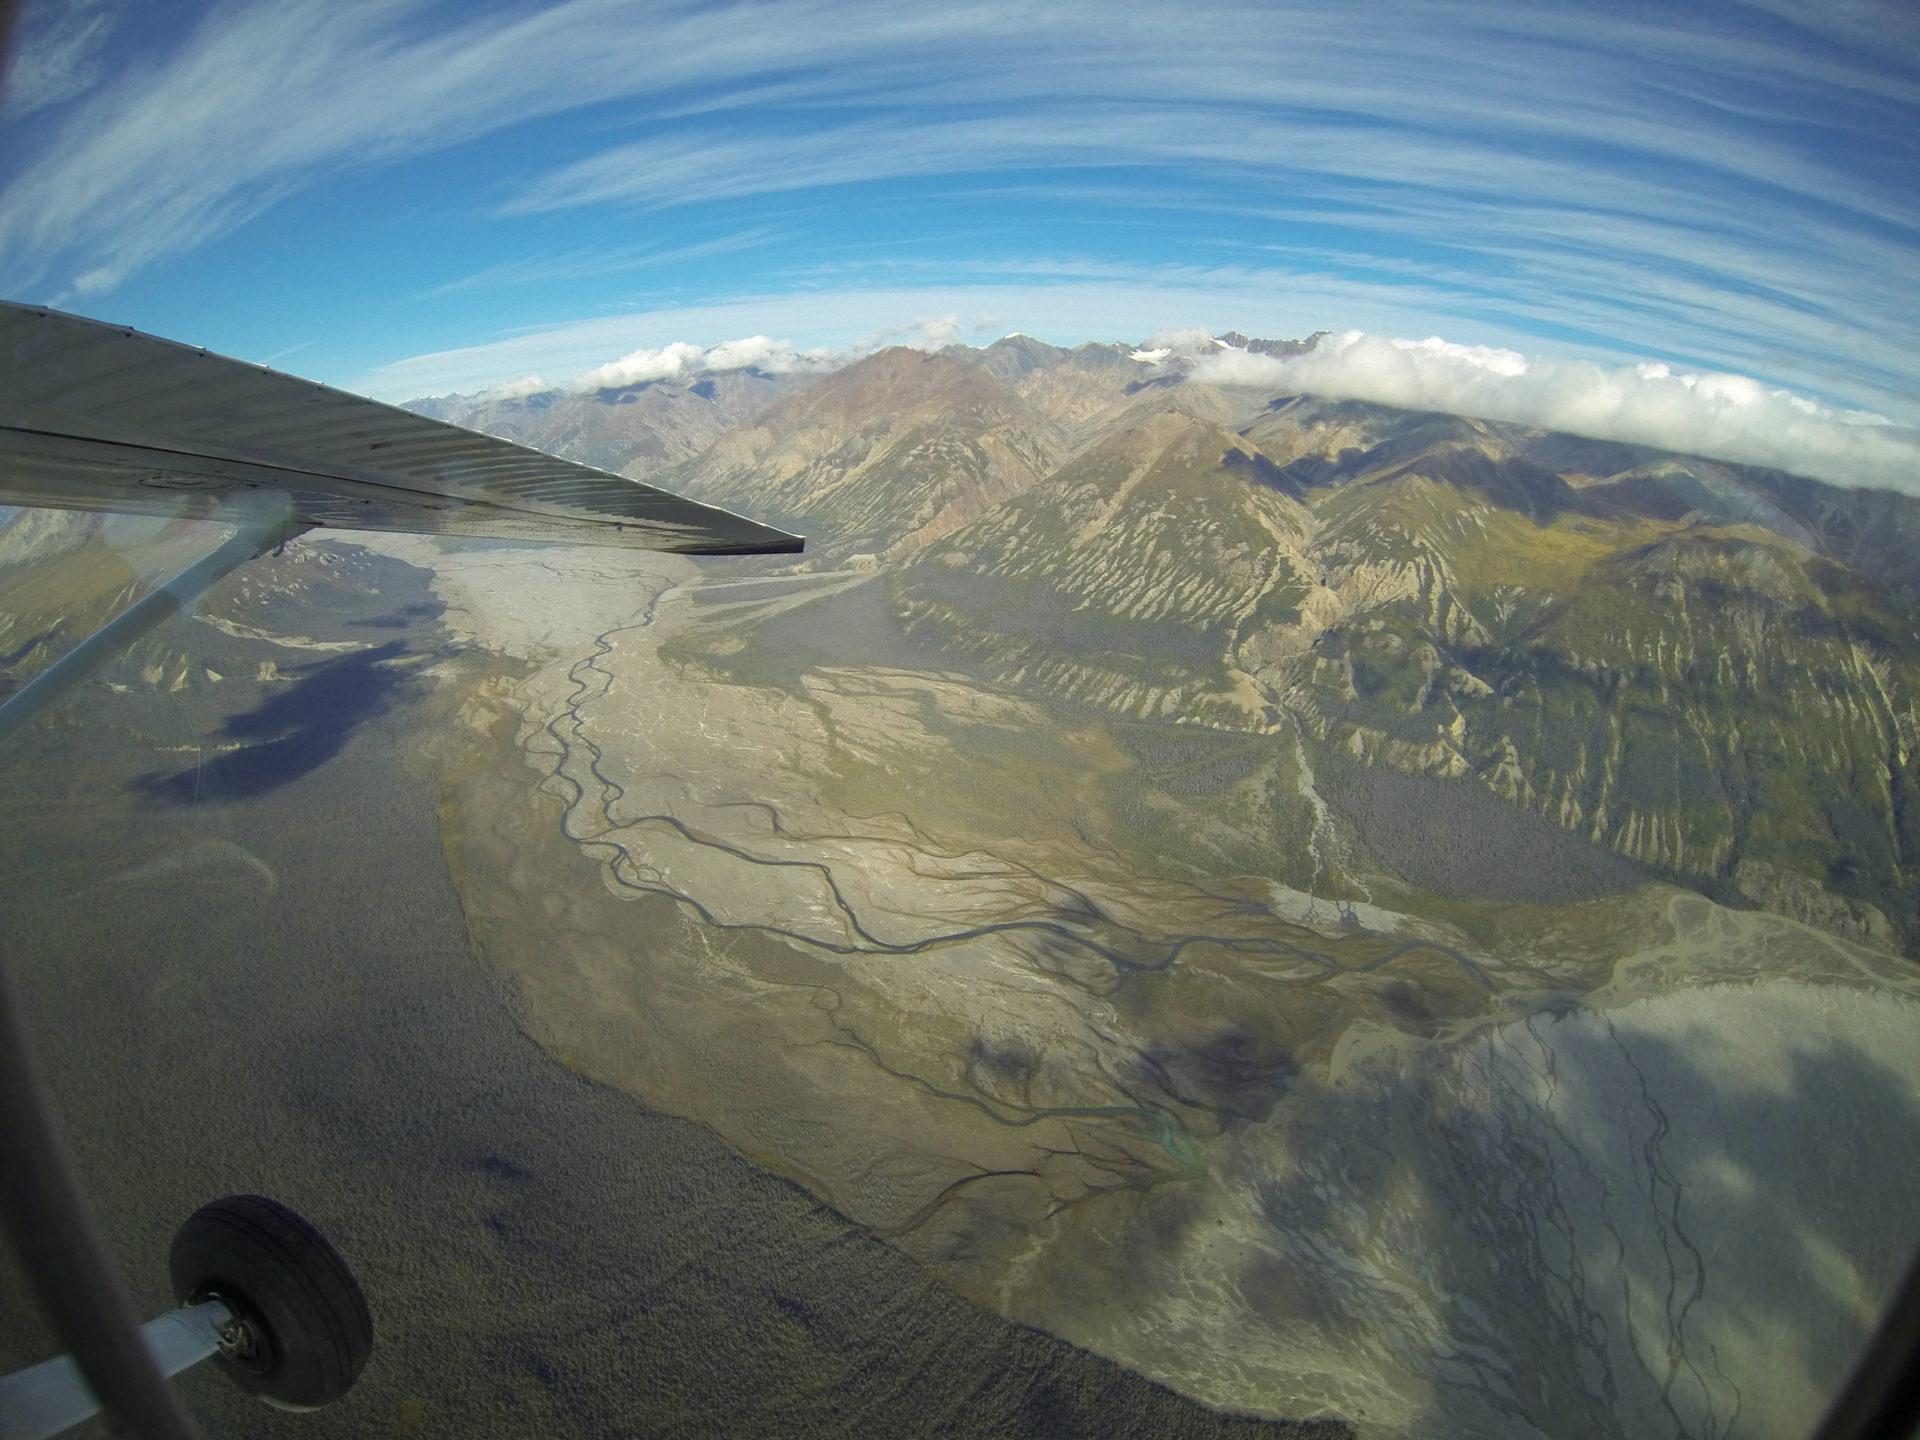 Wasseradern im Yukon aus der Luft betrachtet